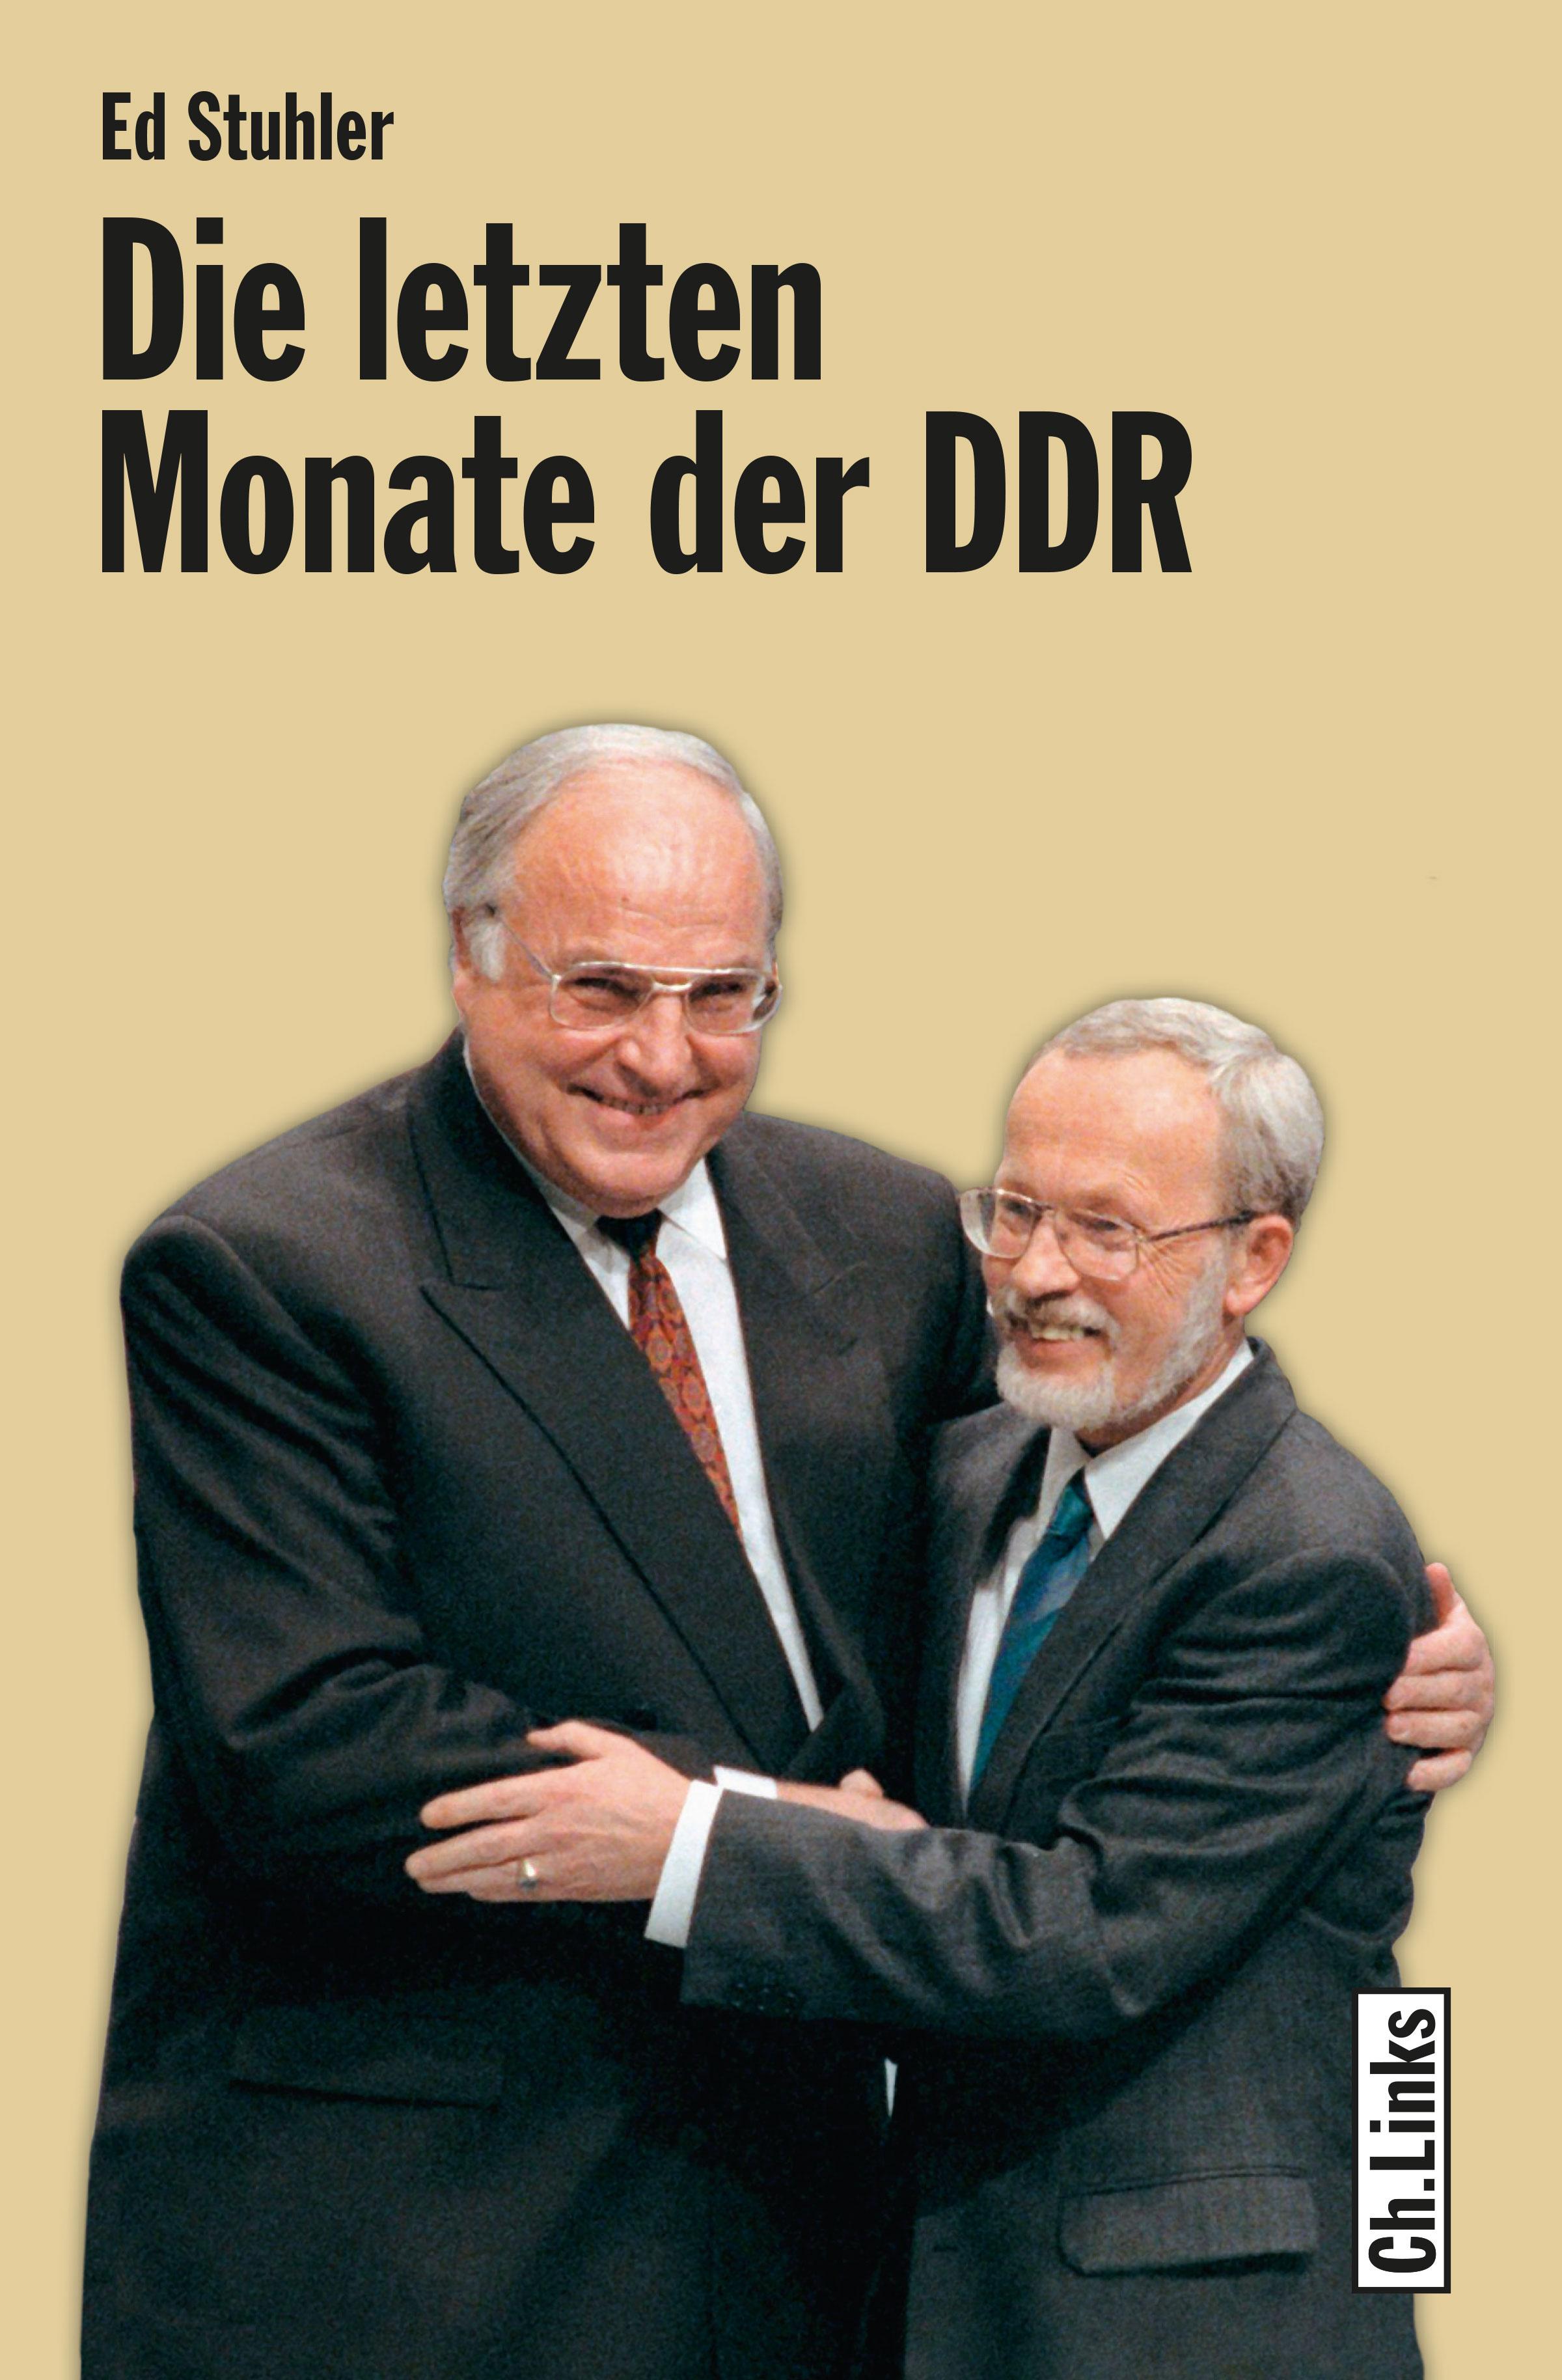 Ed Stuhler Die letzten Monate der DDR klaus behling die kriminalgeschichte der ddr